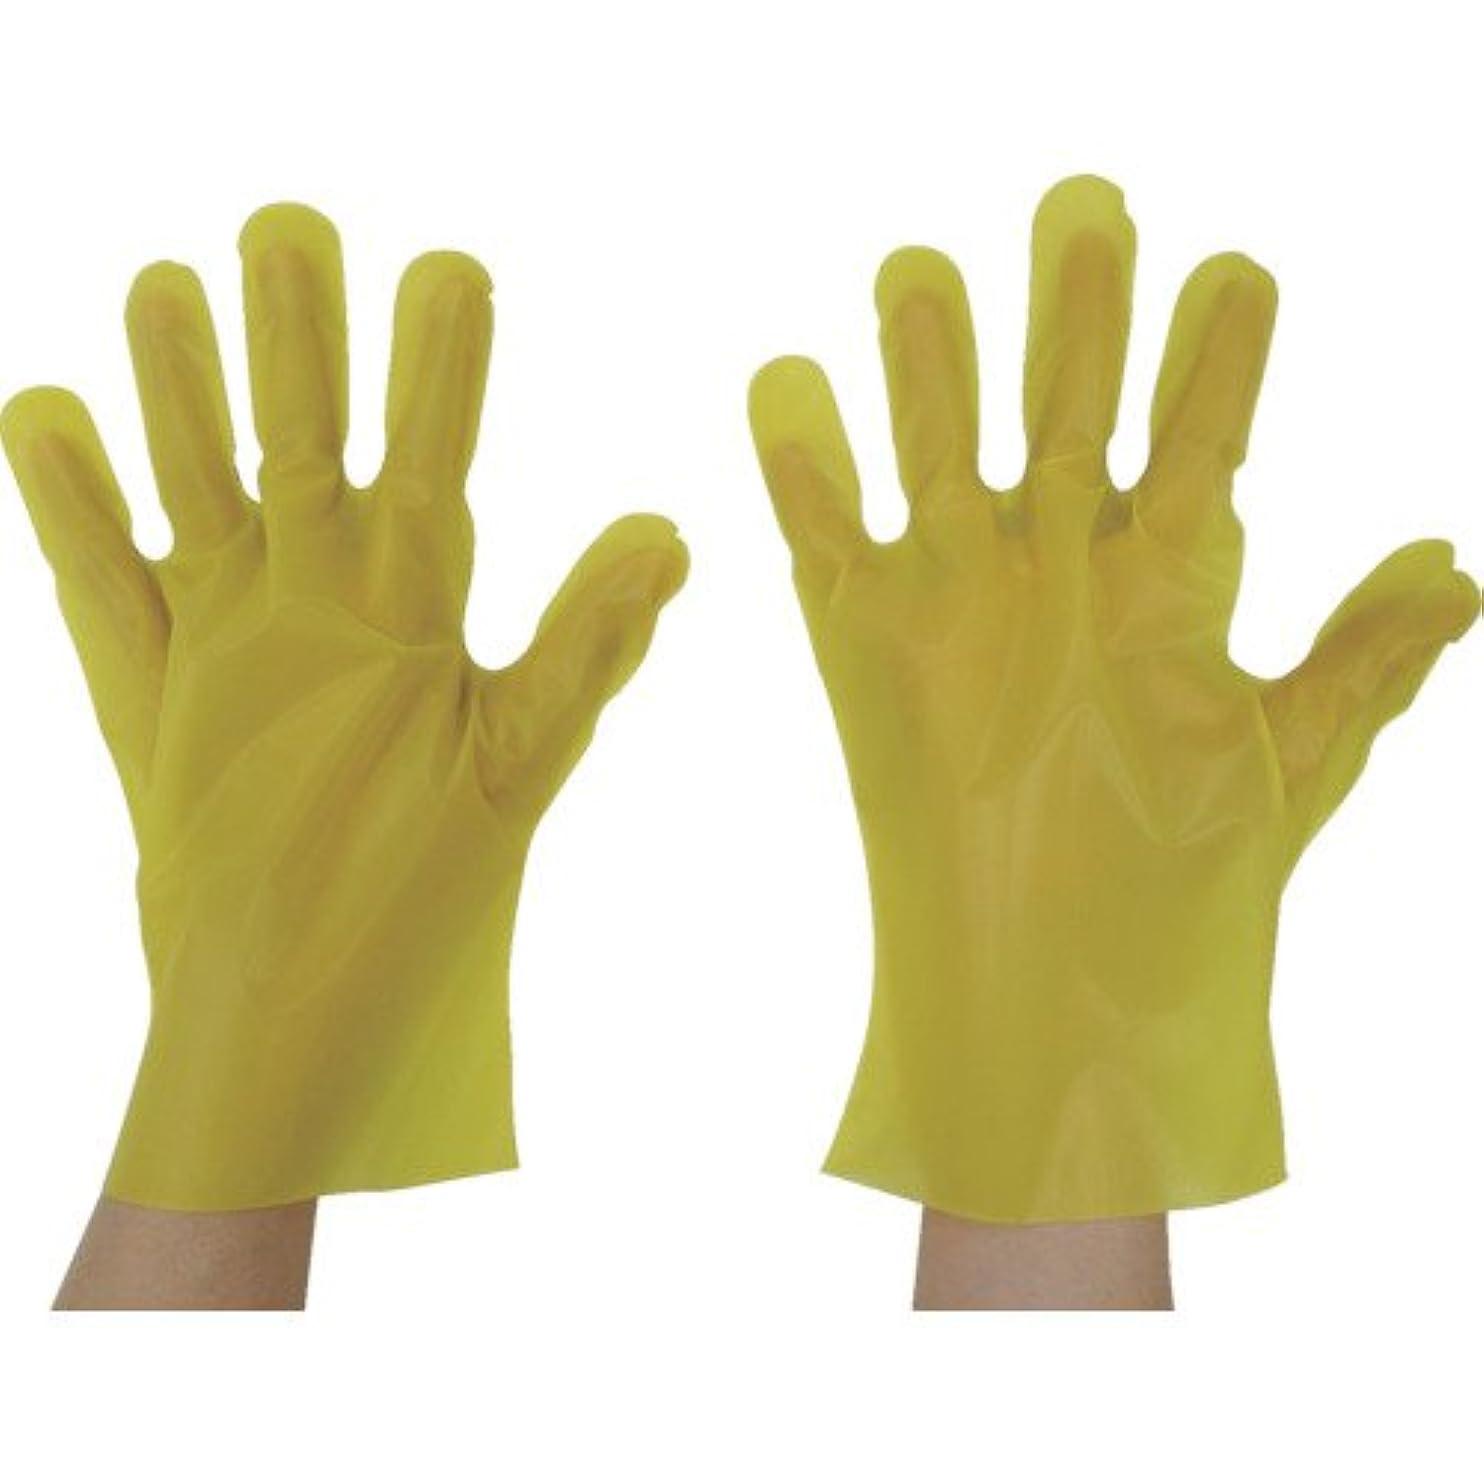 アジア人自分自身比率東京パック エンボス手袋五本絞りエコノミー化粧箱M イエロー(入数:200枚) YEK-M